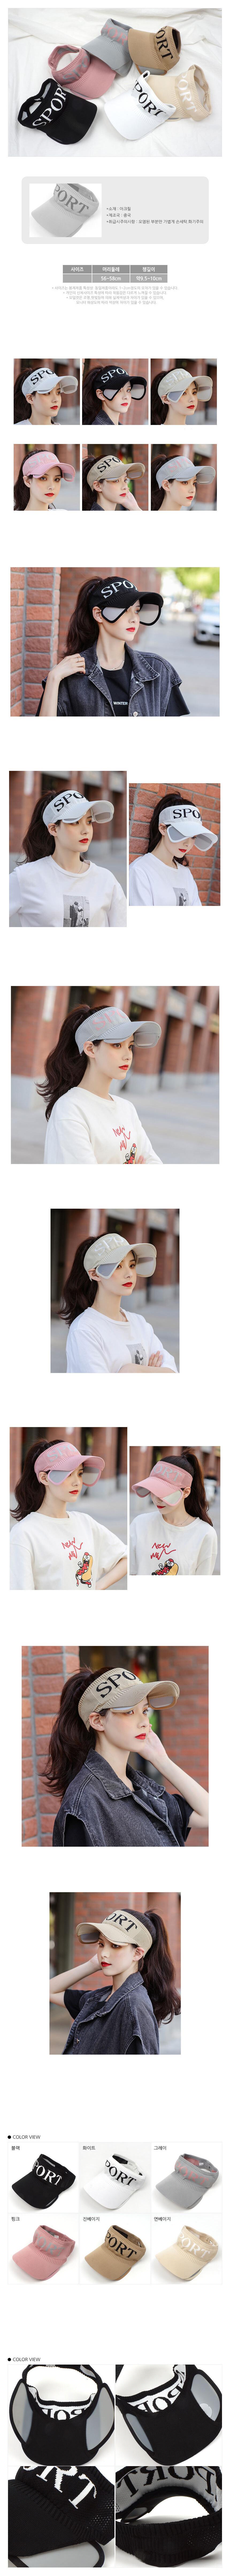 햇빛차단 여성 스포츠 와이드 썬캡 썬바이저 모자 - 트윈스파파, 13,800원, 모자, 썬캡